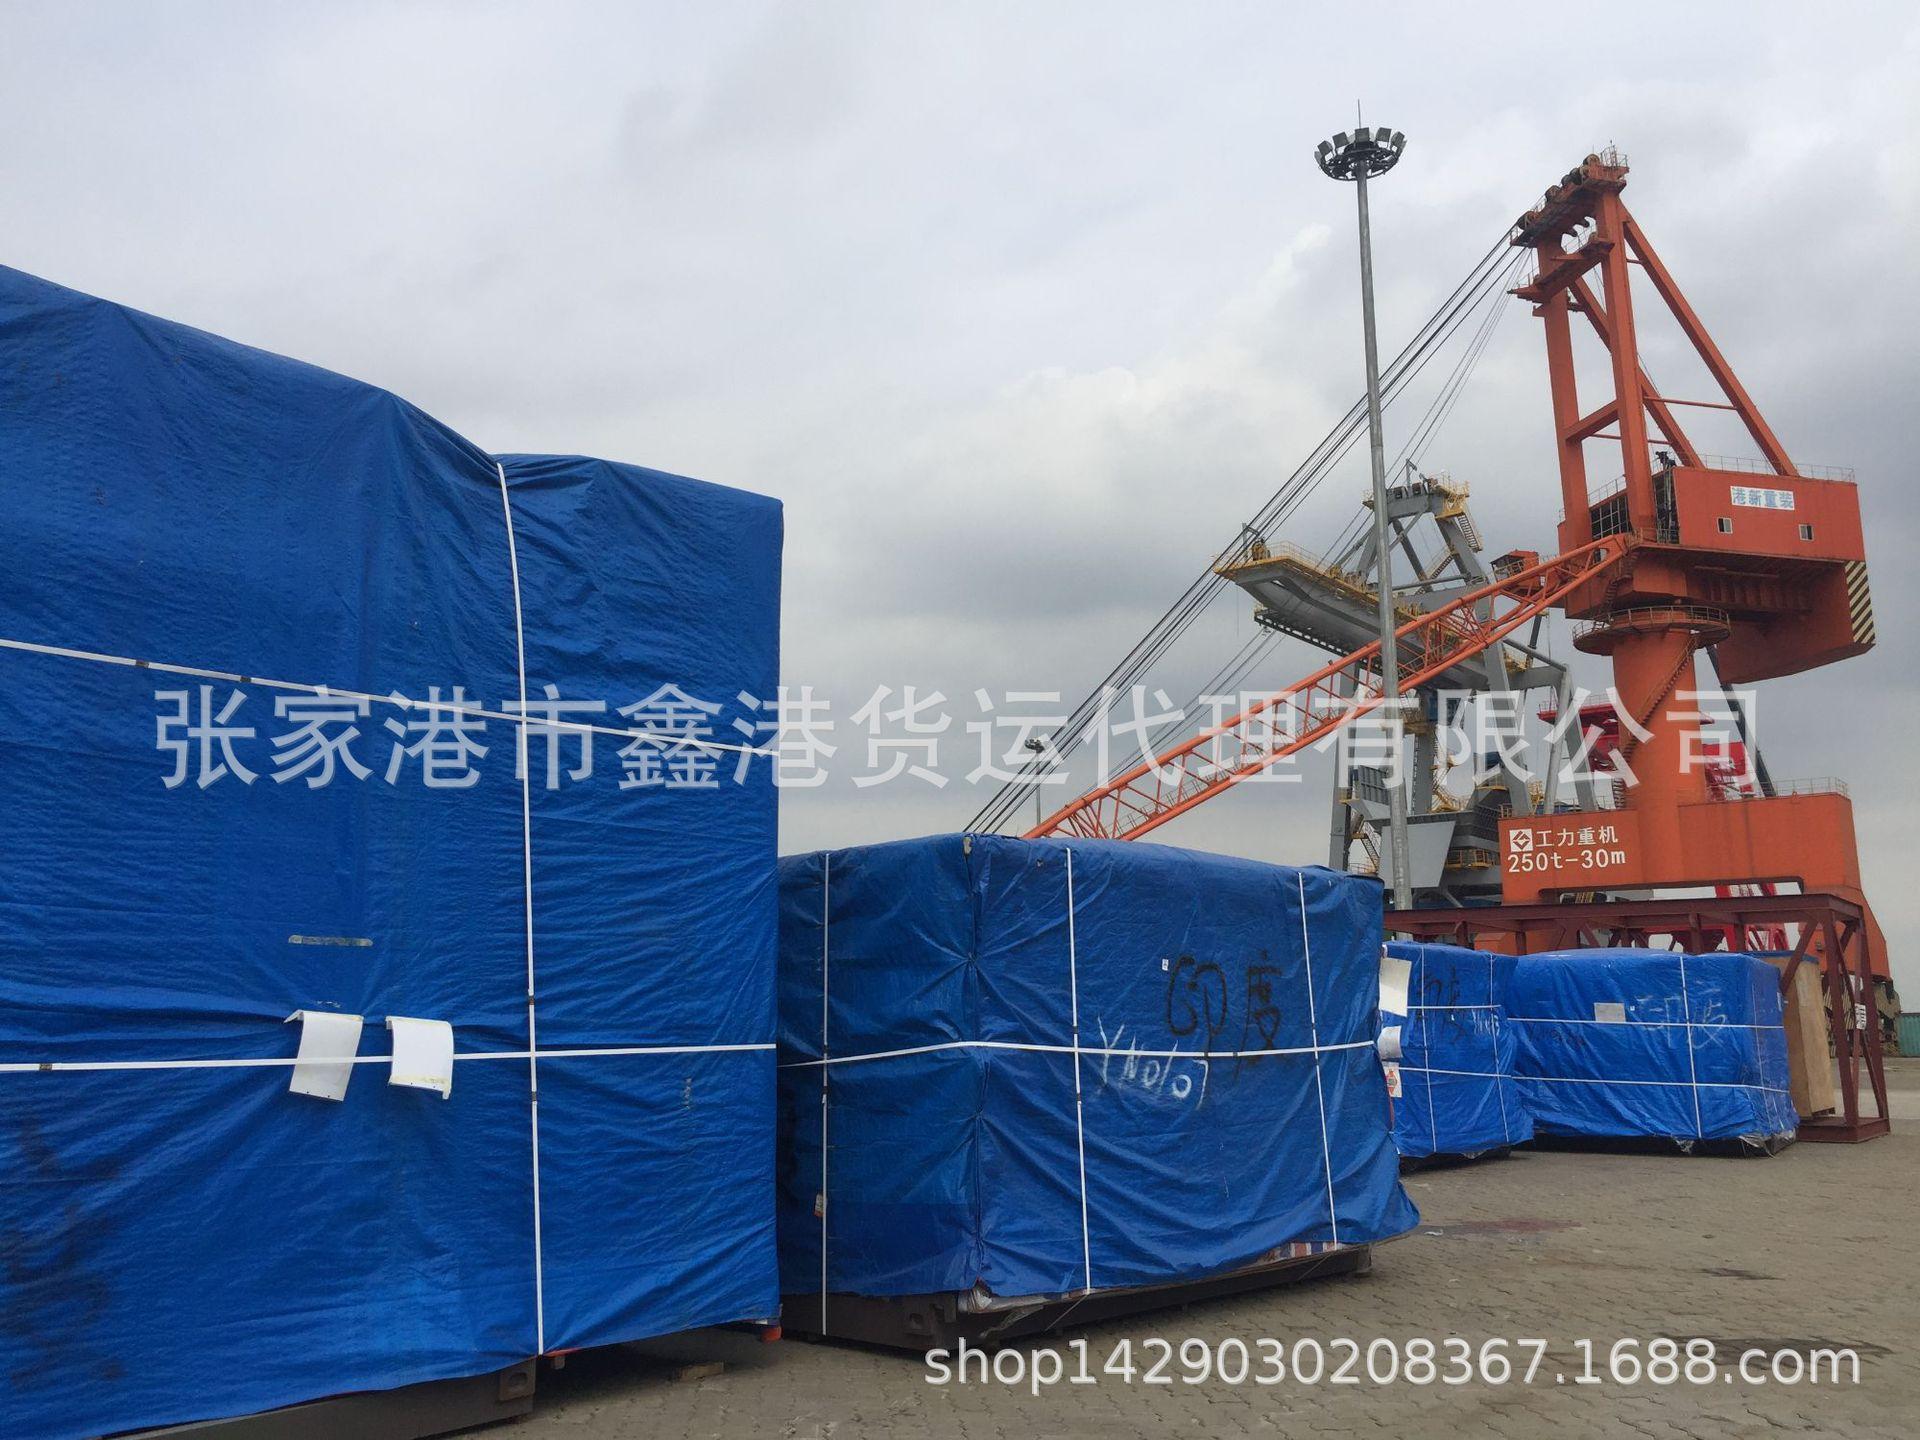 专业江苏张家港码头大型件杂货散货方面的特色服务